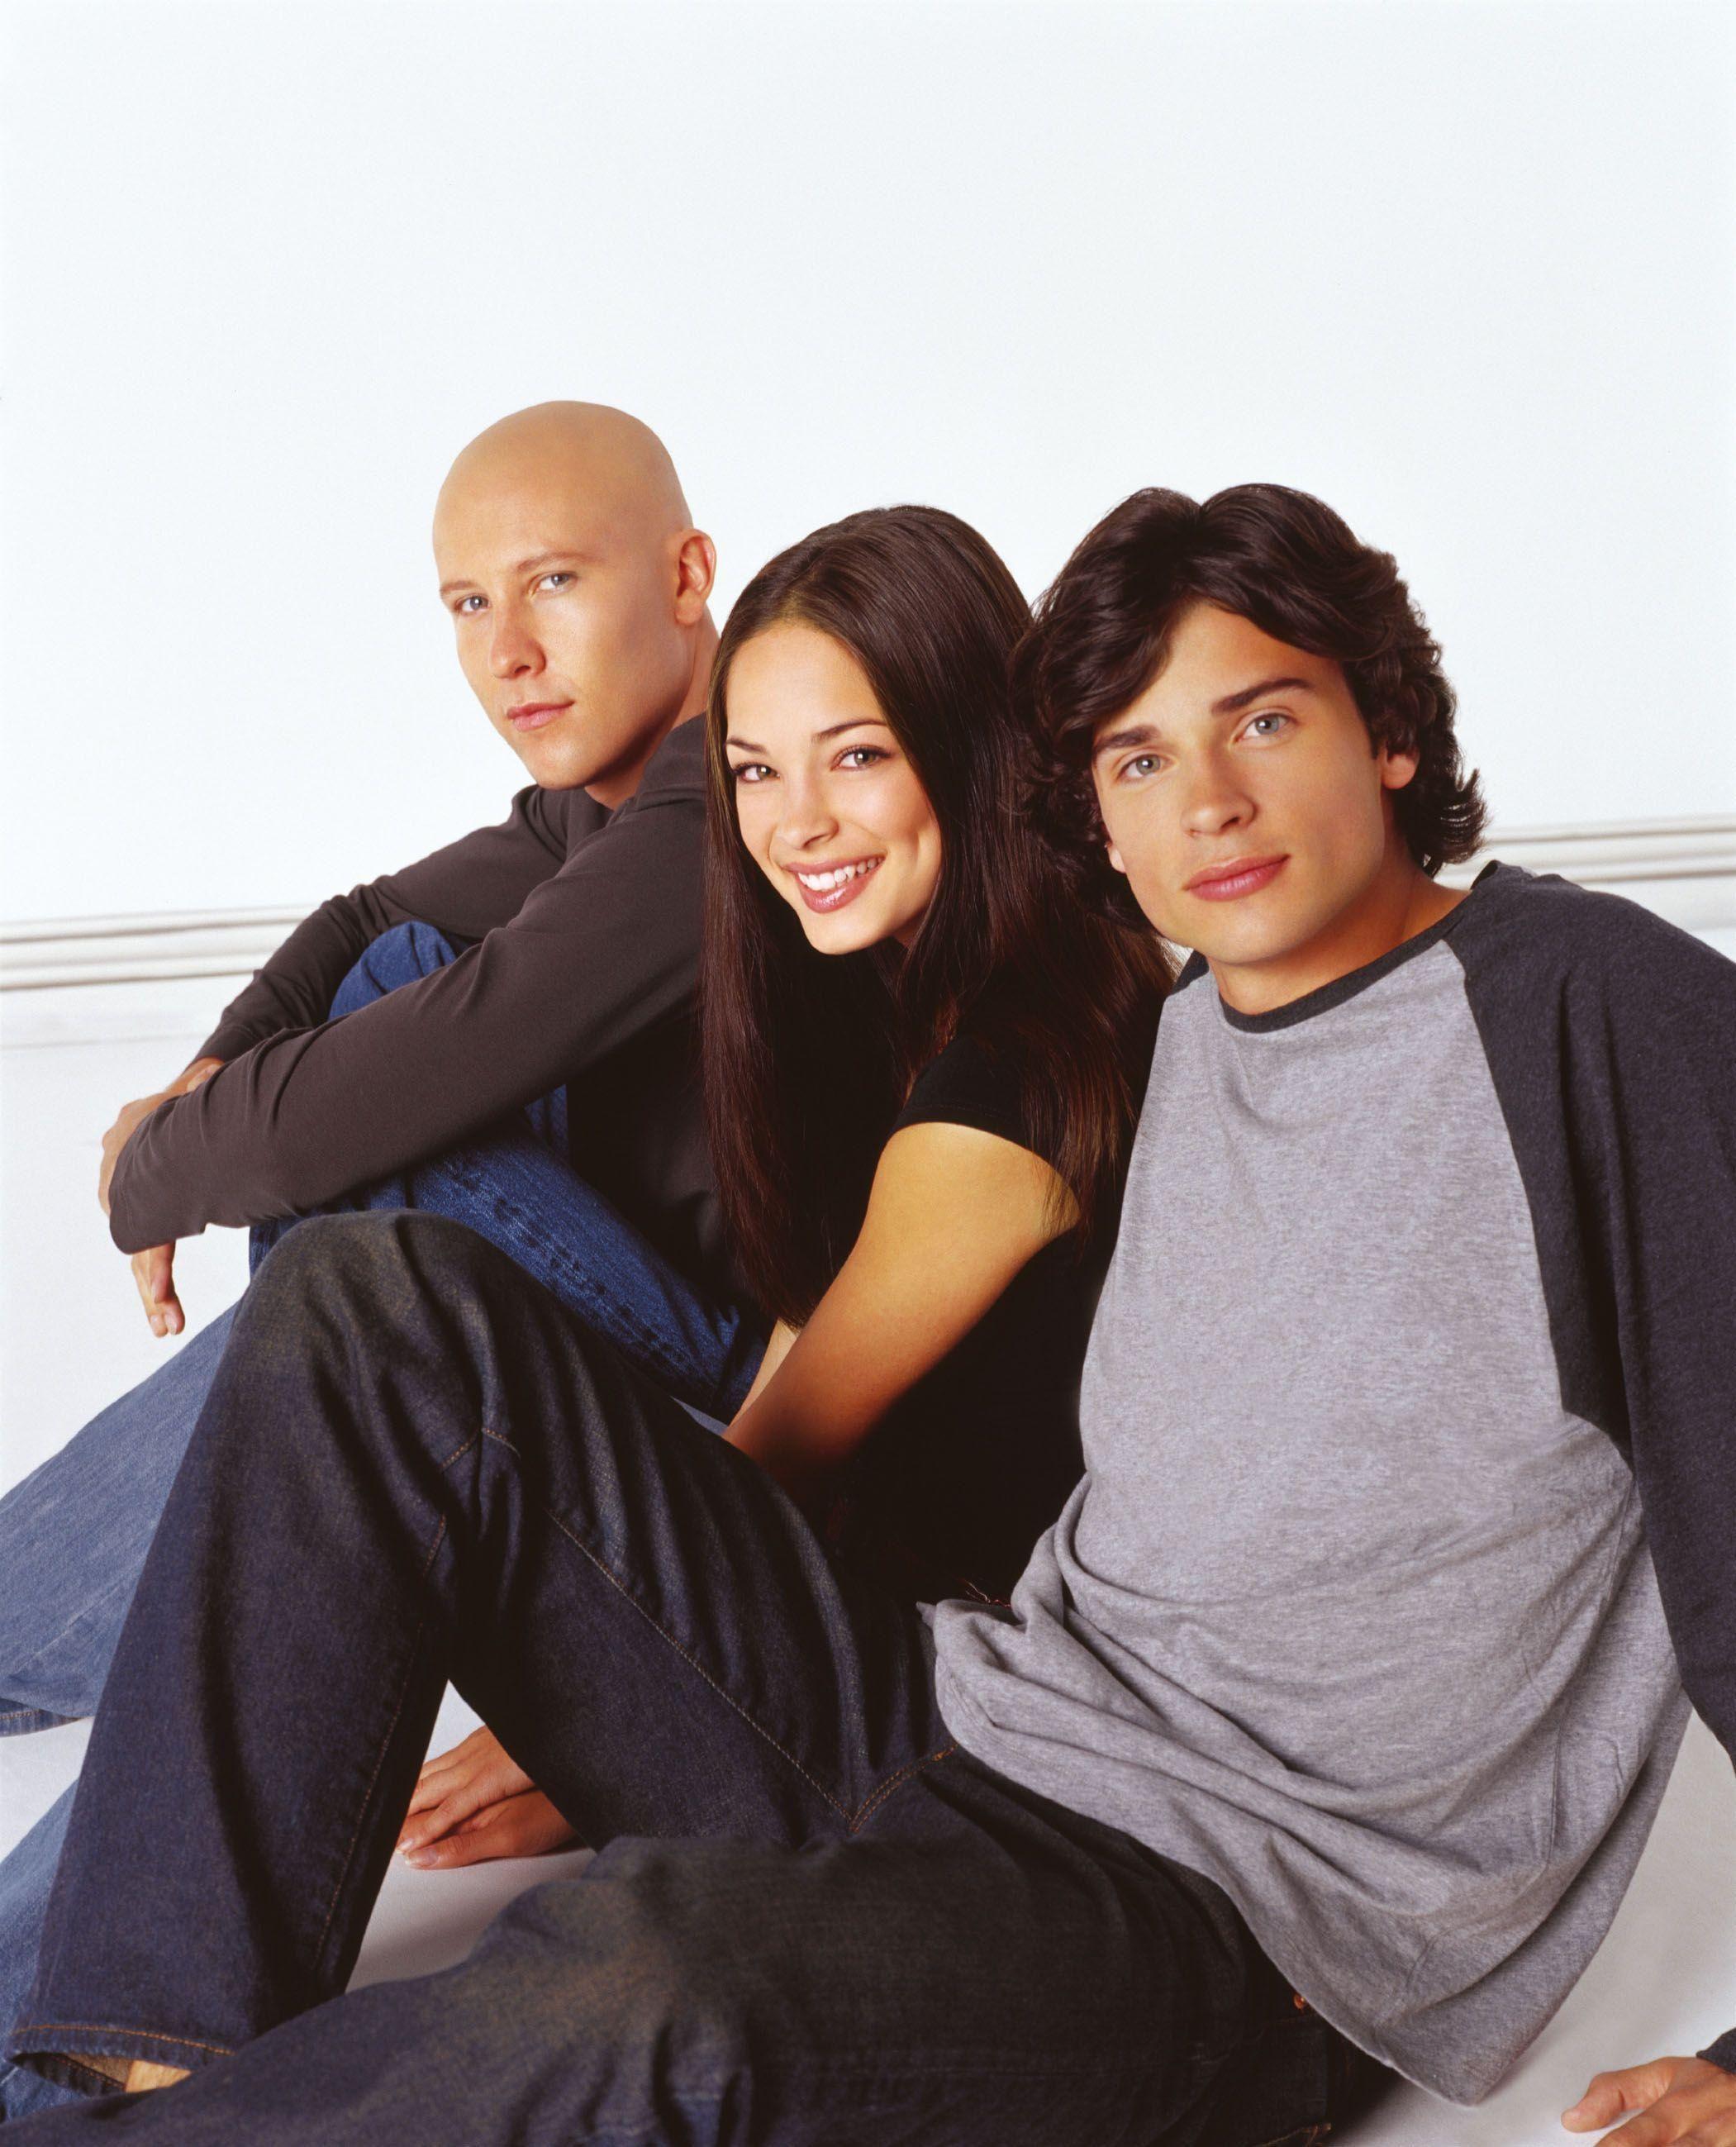 Smallville Season 4 Cast: Just Cute - Kristin Kreuk